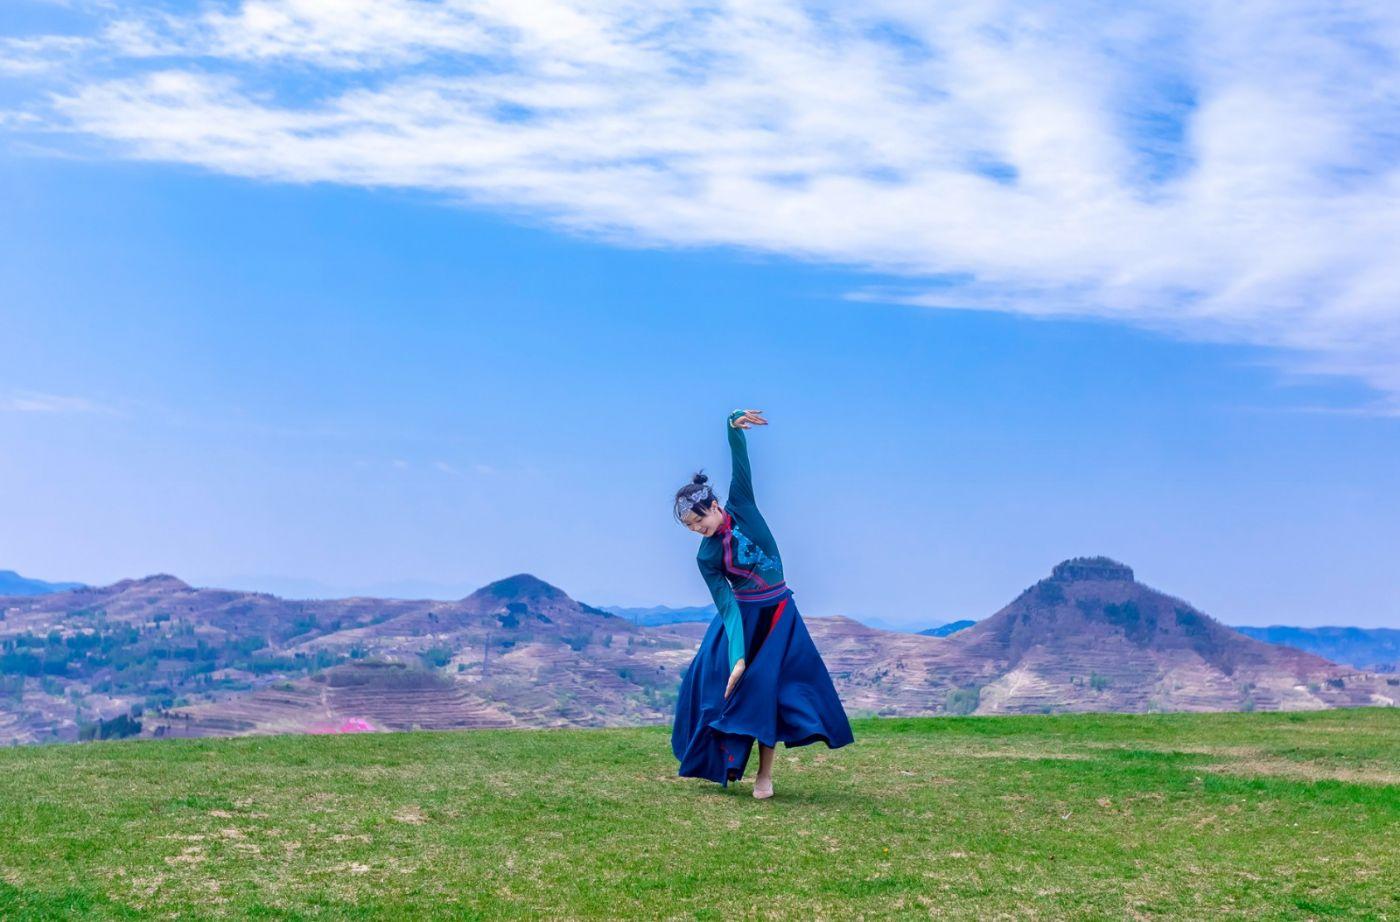 崮上草原有位女孩在翩翩起舞 她要和你邂逅在崮上花开的季节 ..._图1-10